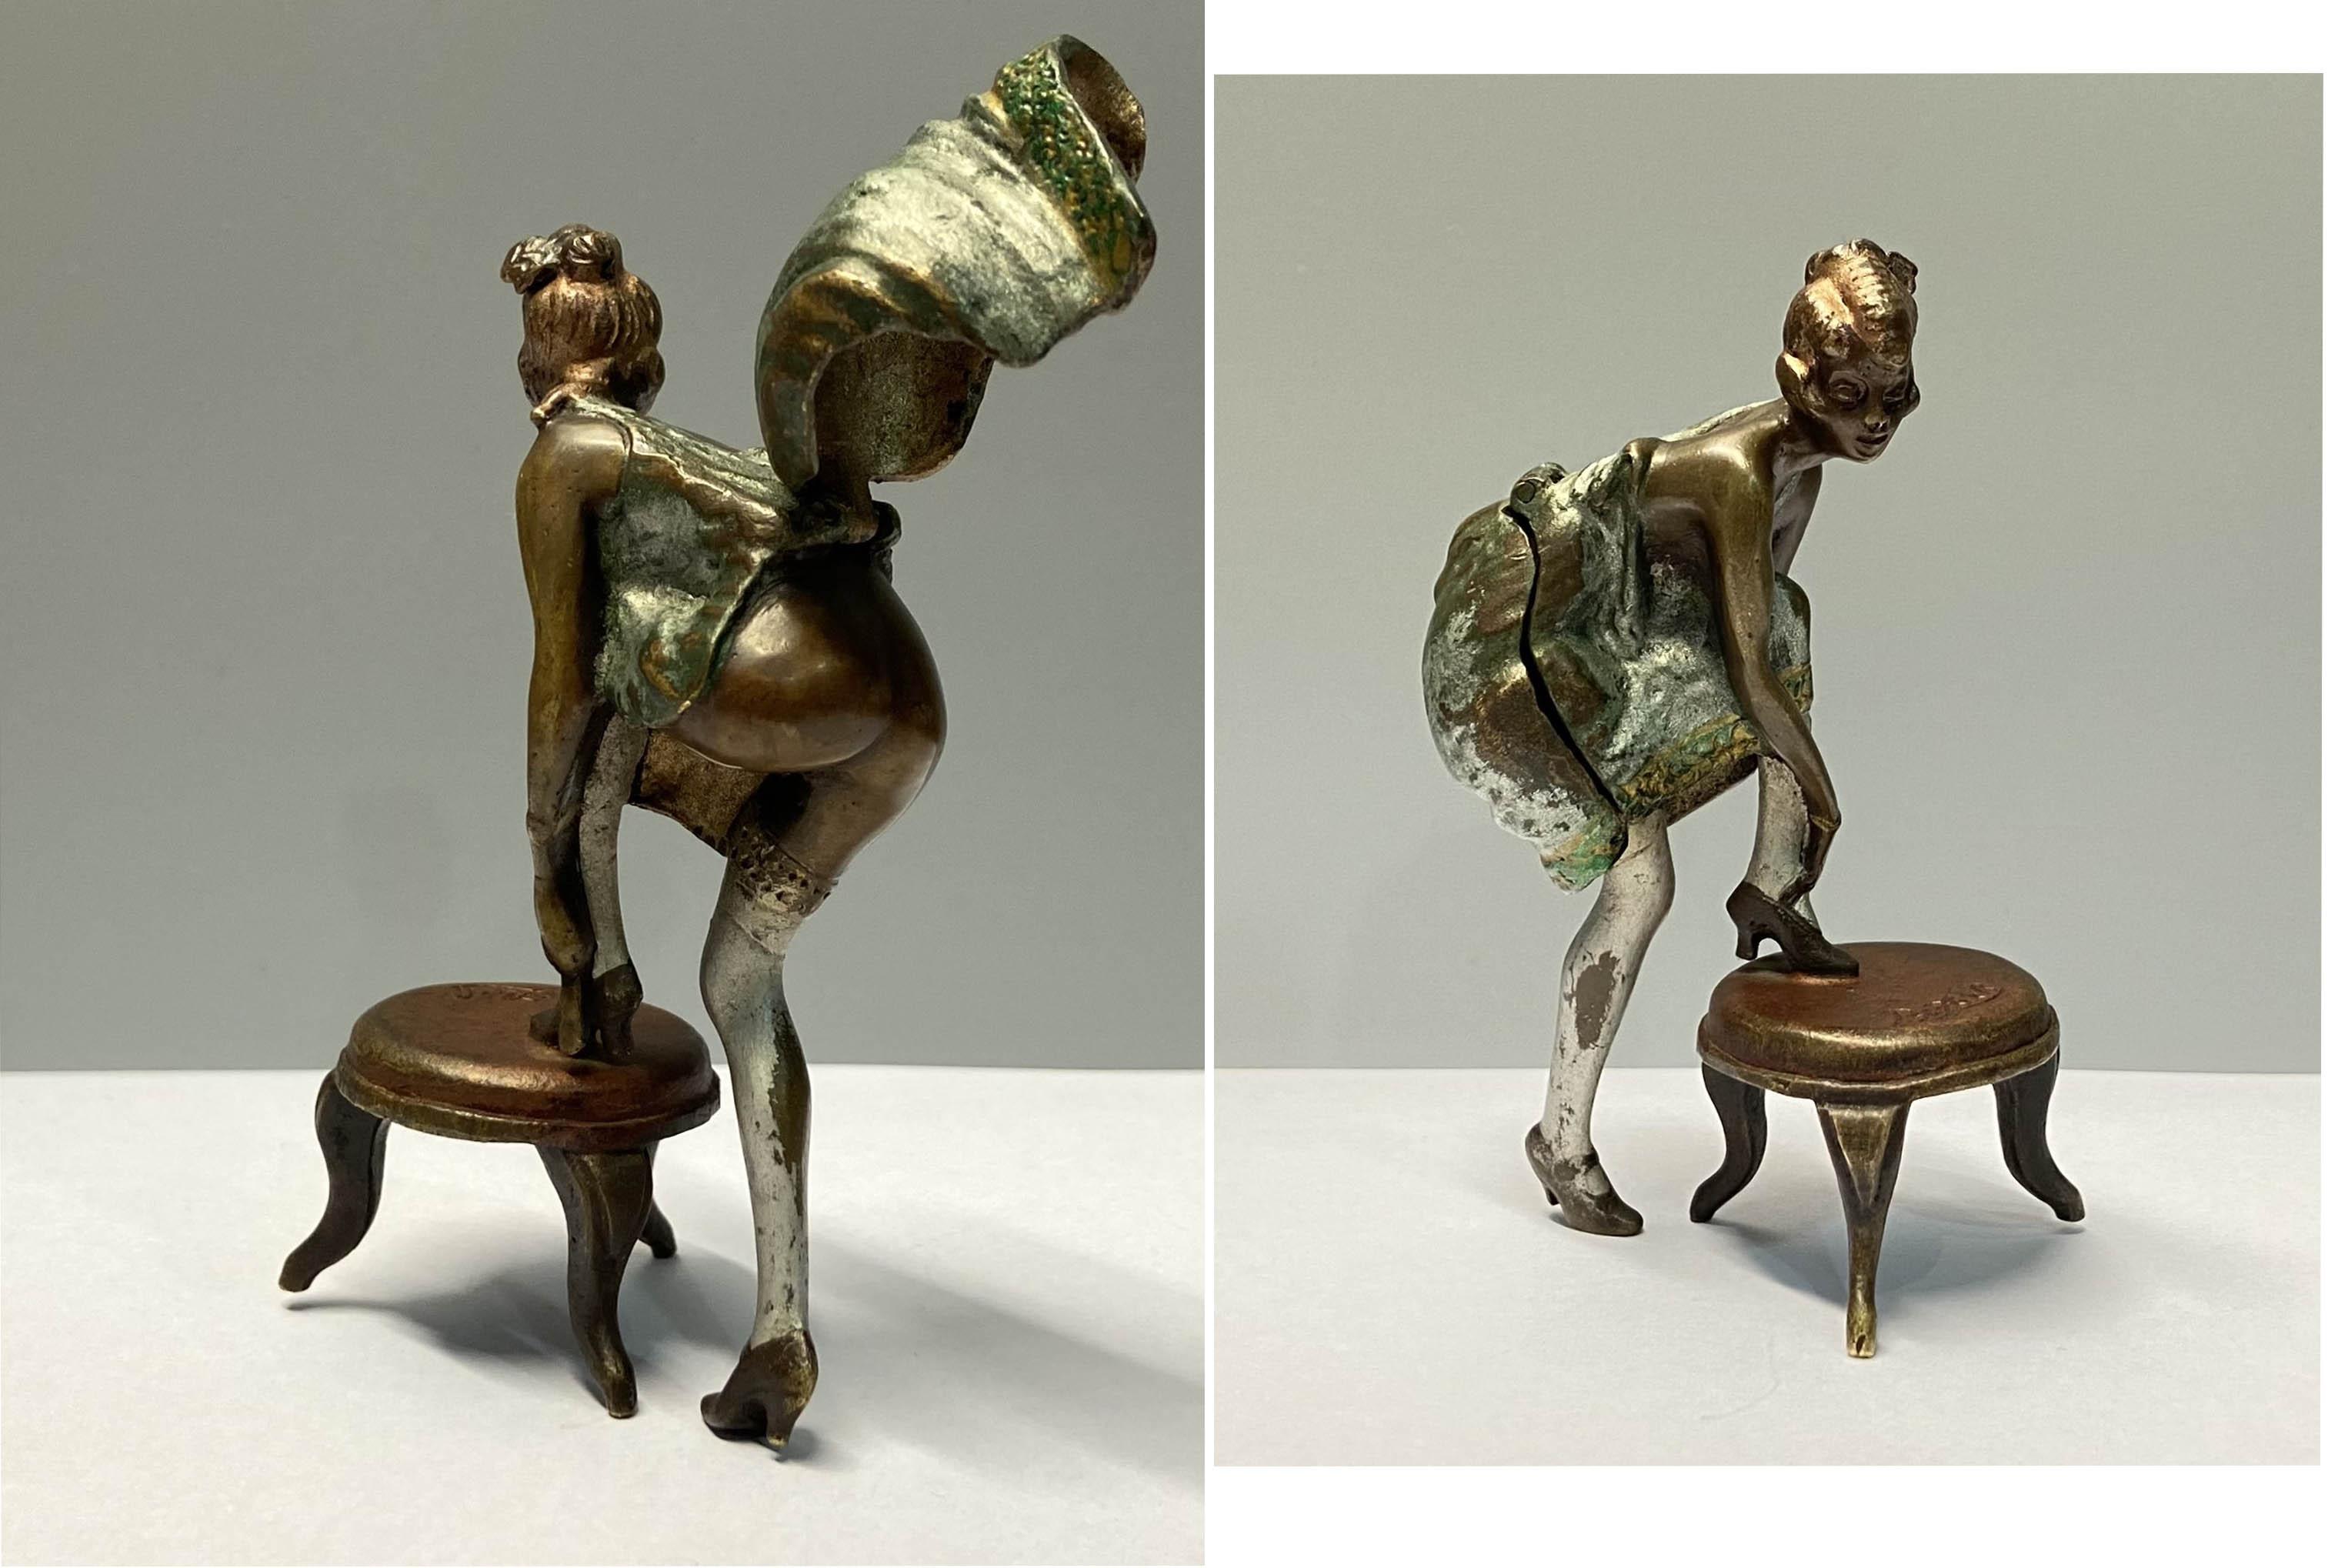 Dziewczyna wiążąca pantofelek, ok 1920 r.